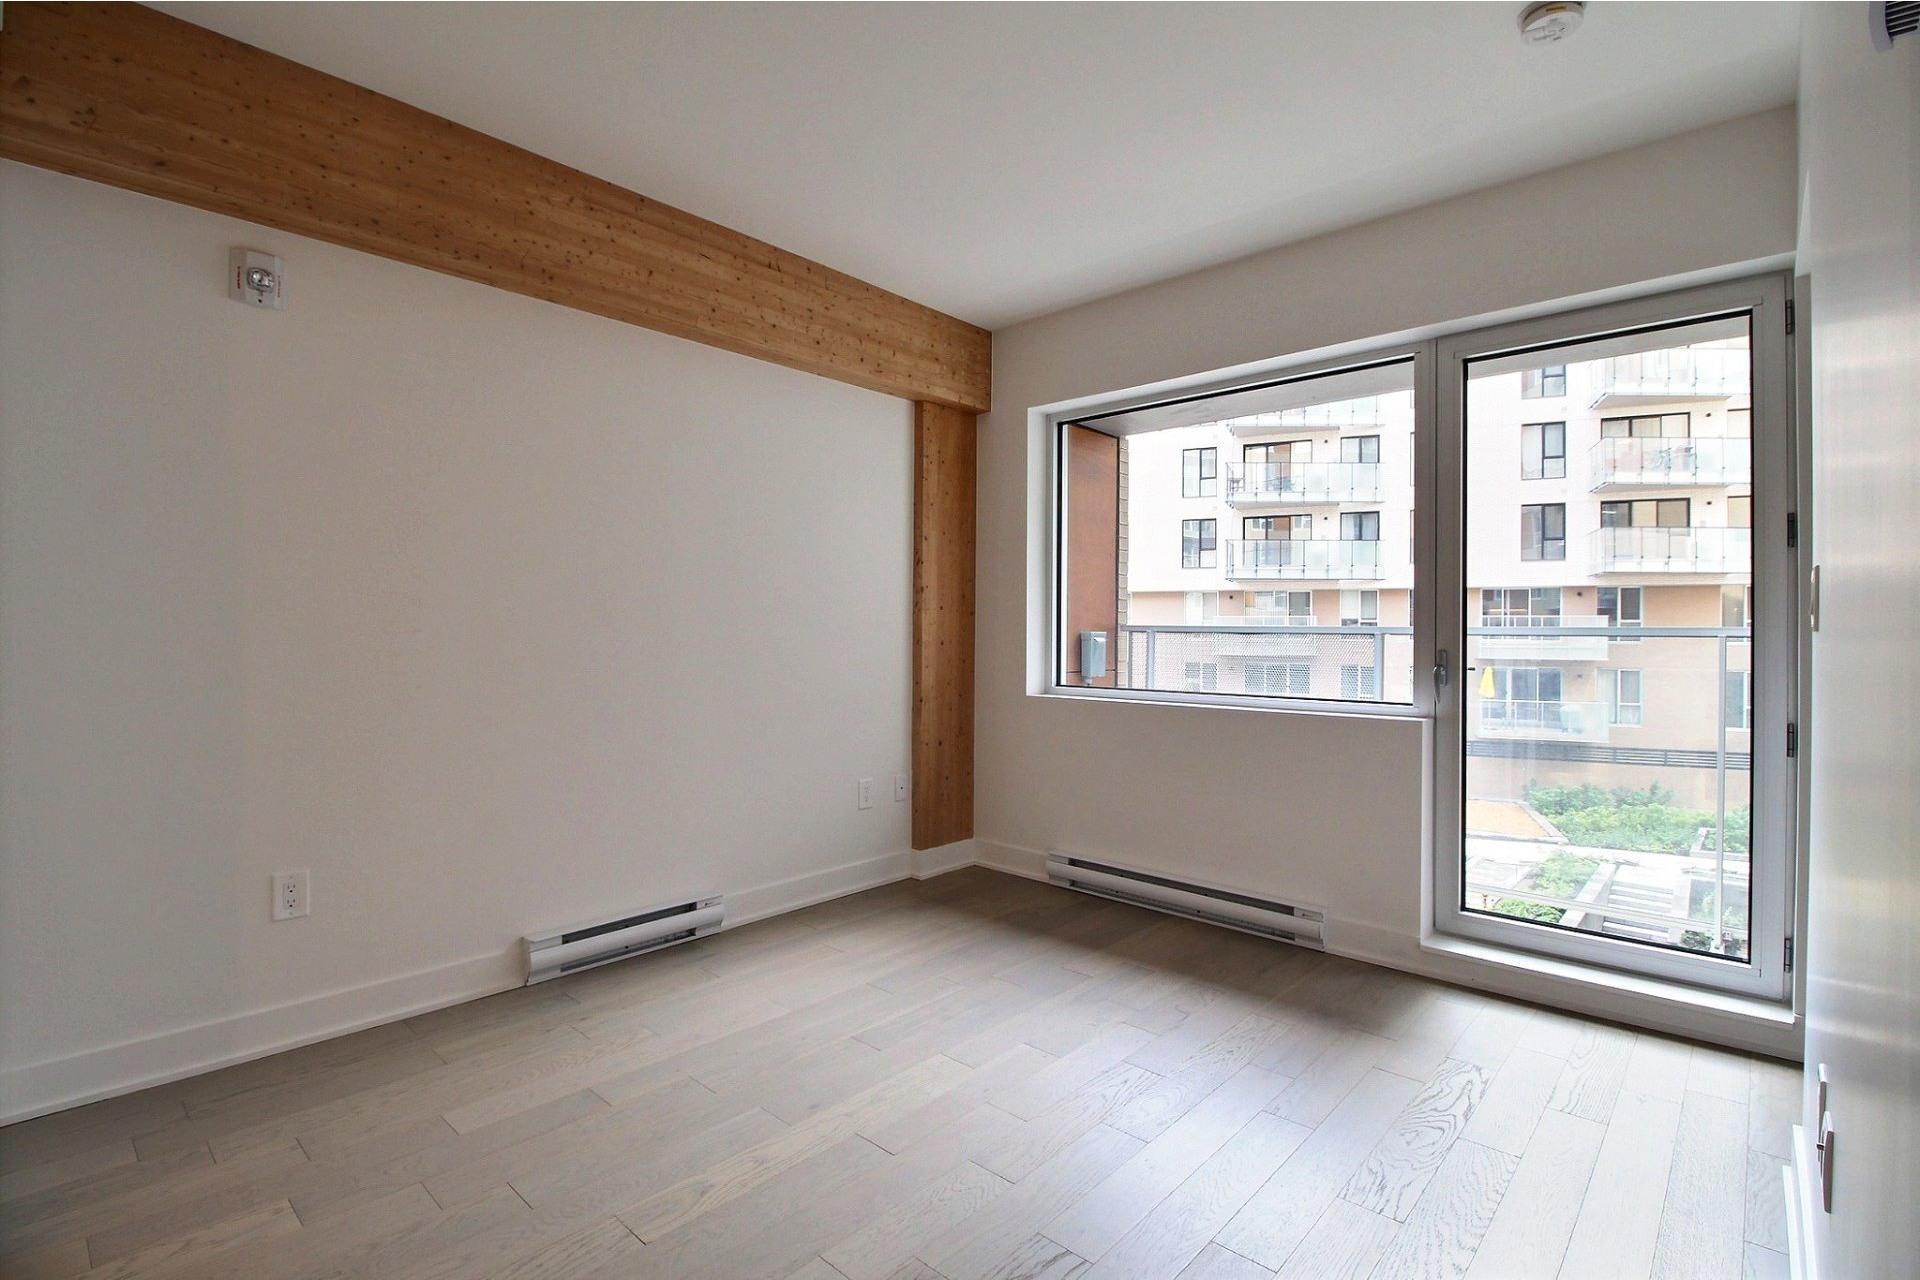 image 4 - Appartement À louer Le Sud-Ouest Montréal  - 4 pièces